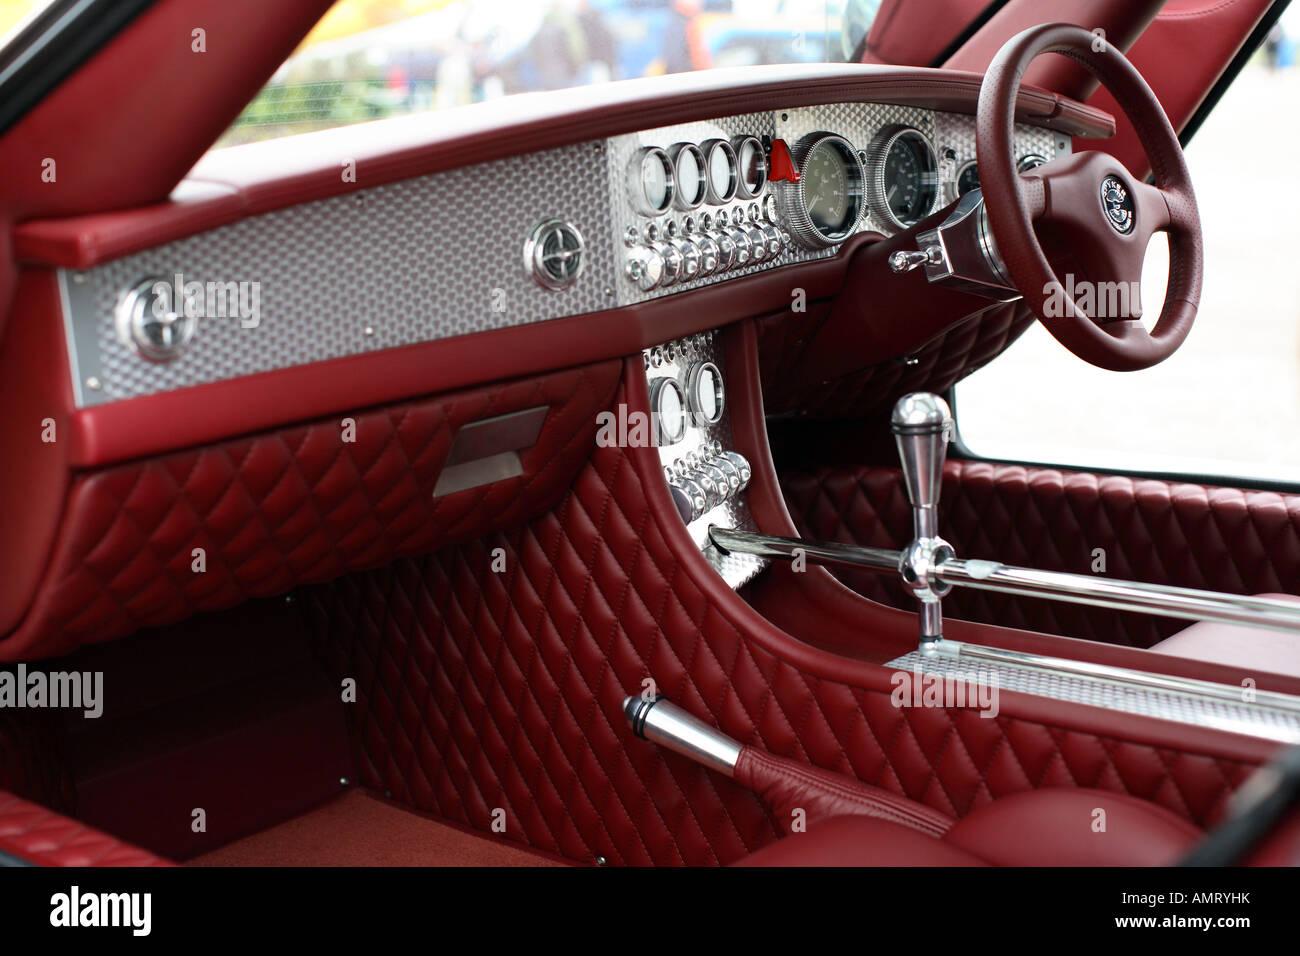 Innenraum eines Sportwagens Spyker C8 Laviolette Stockfoto, Bild ...